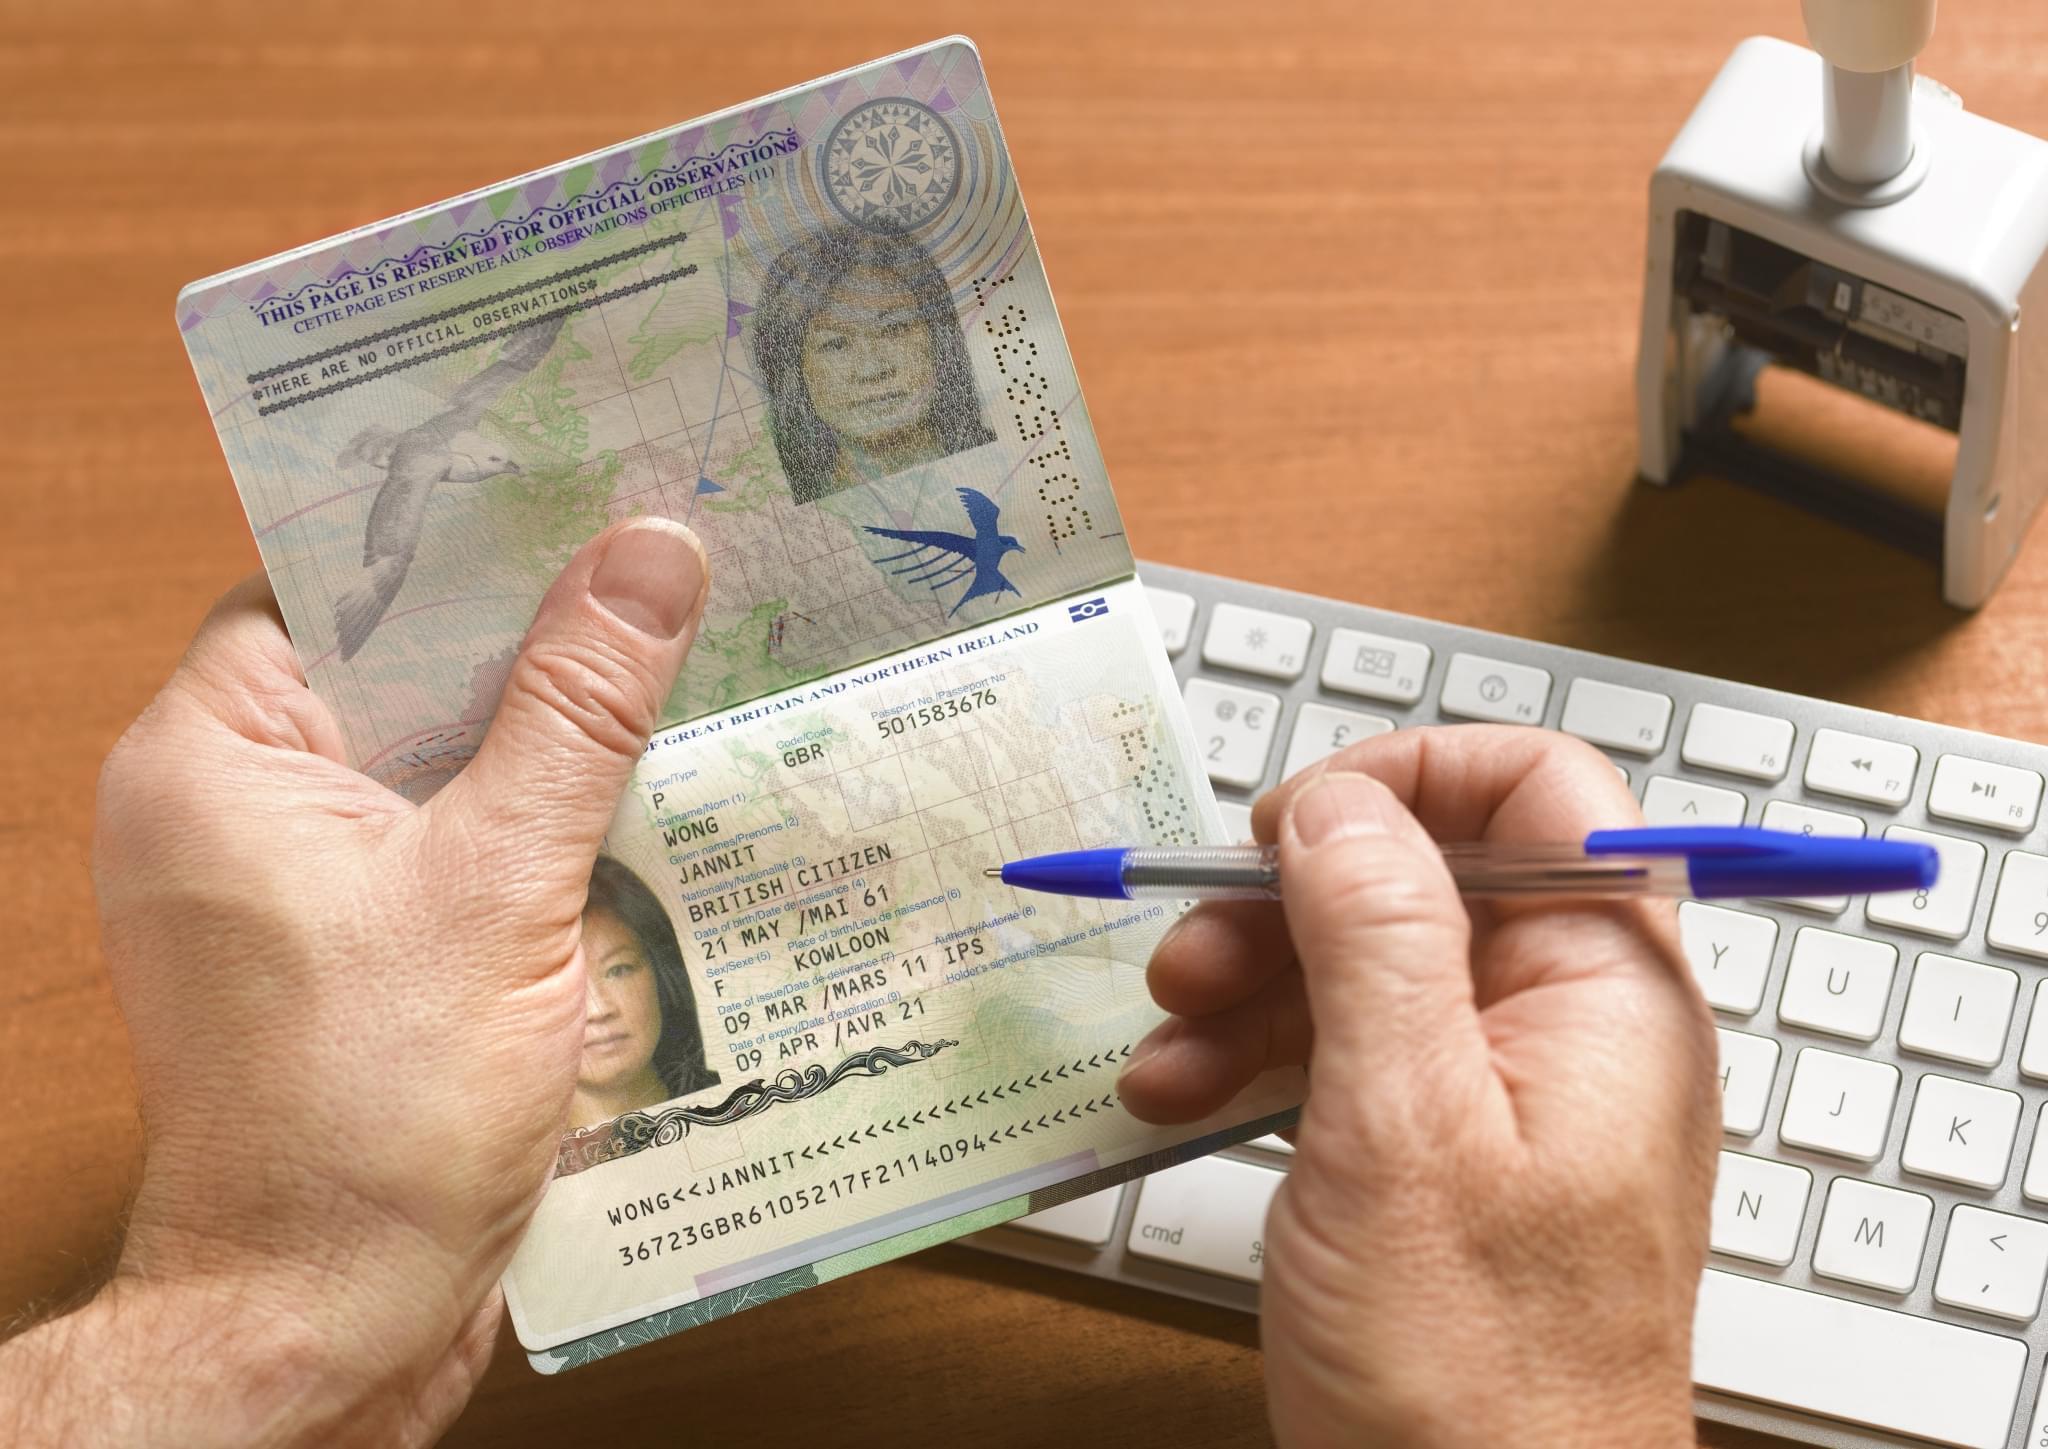 对于很多人来说,获取海外永久居住权或者国籍,是人生成功的重要标志。 /CFP